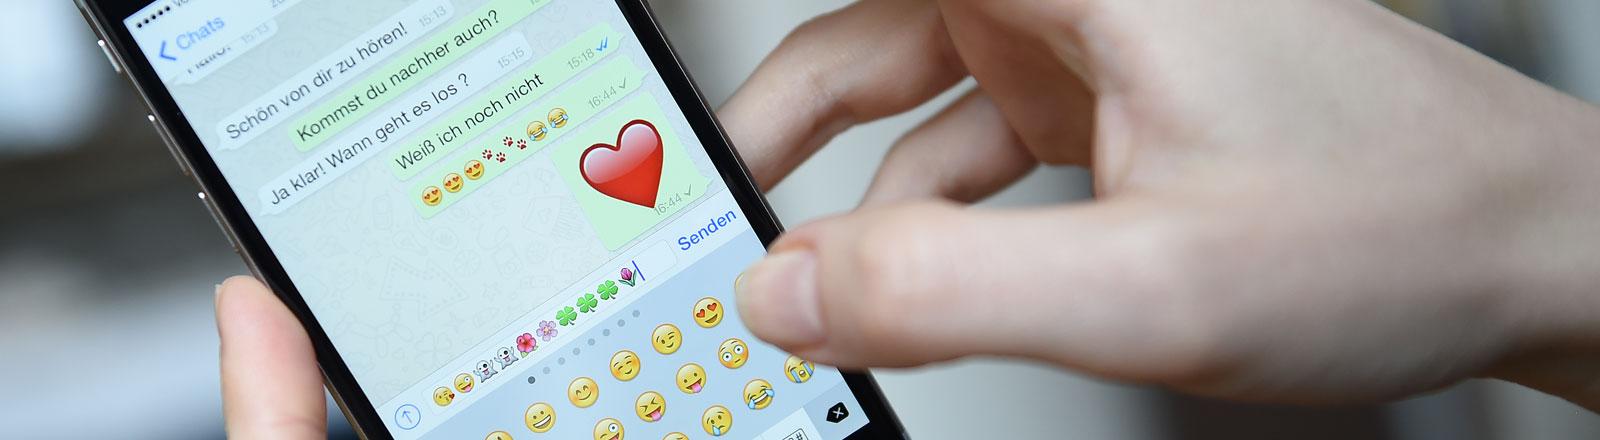 Whatsapp Nachricht mit Herz